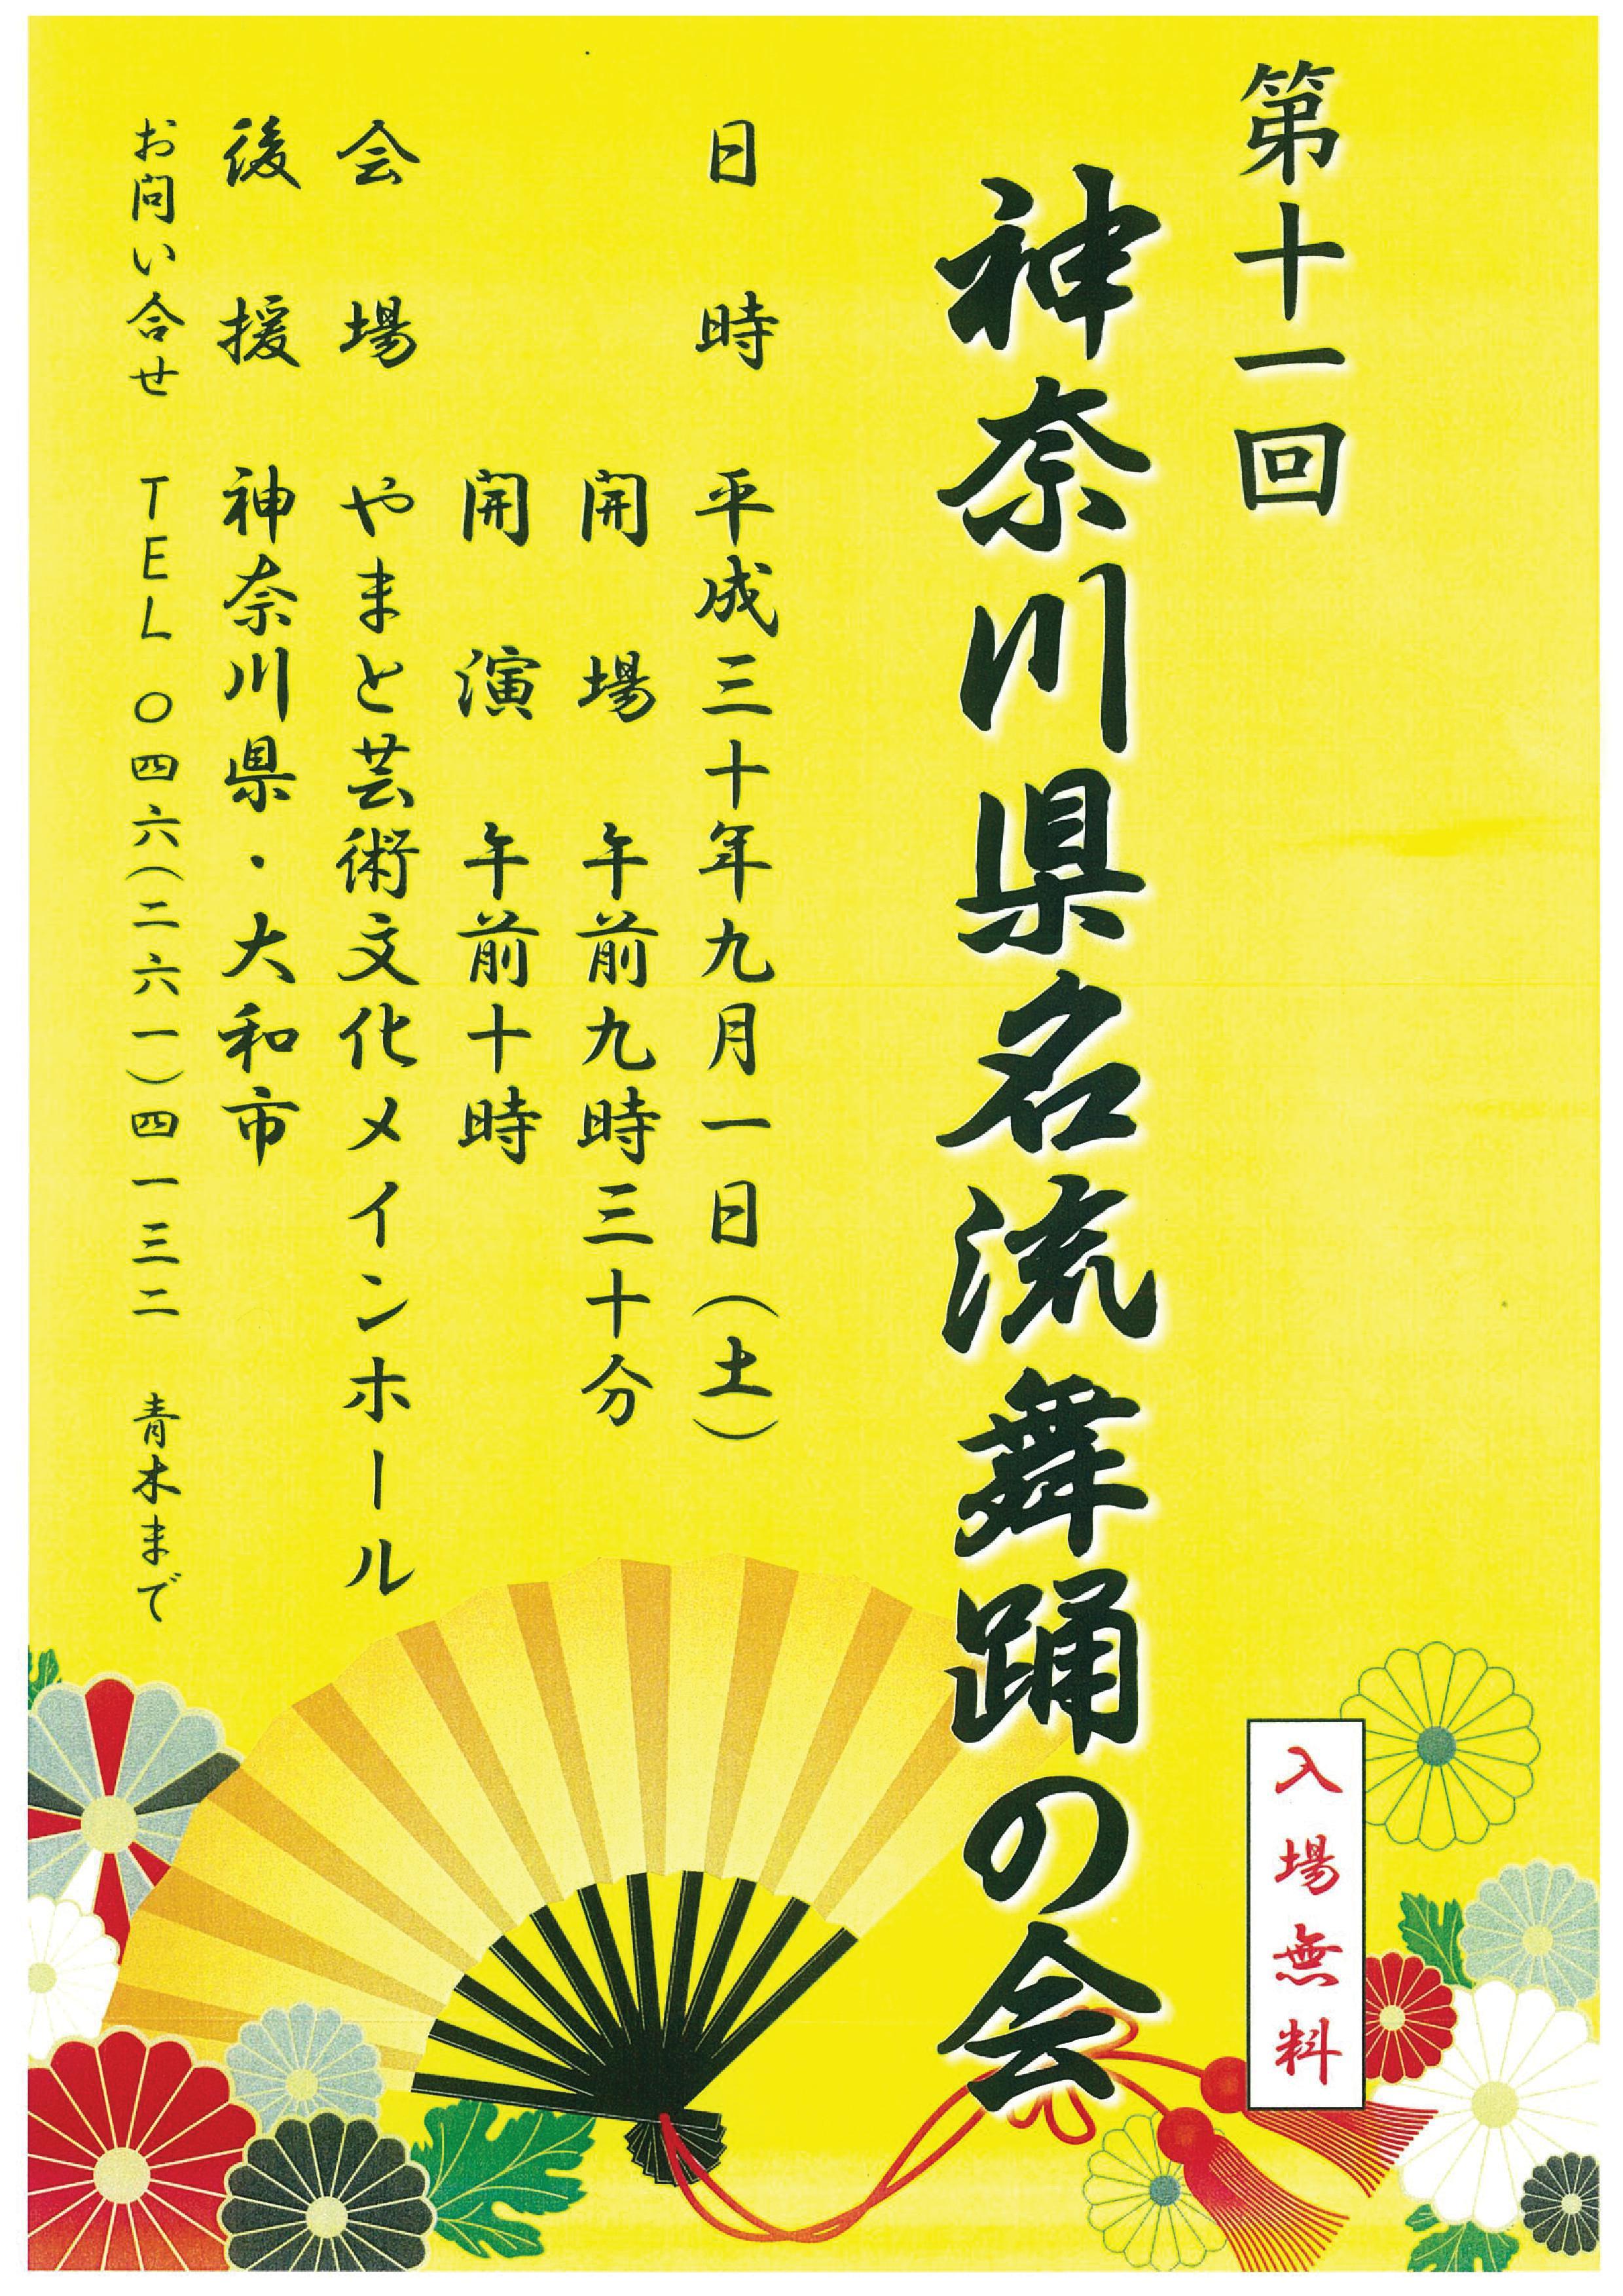 神奈川県名流舞踊の会